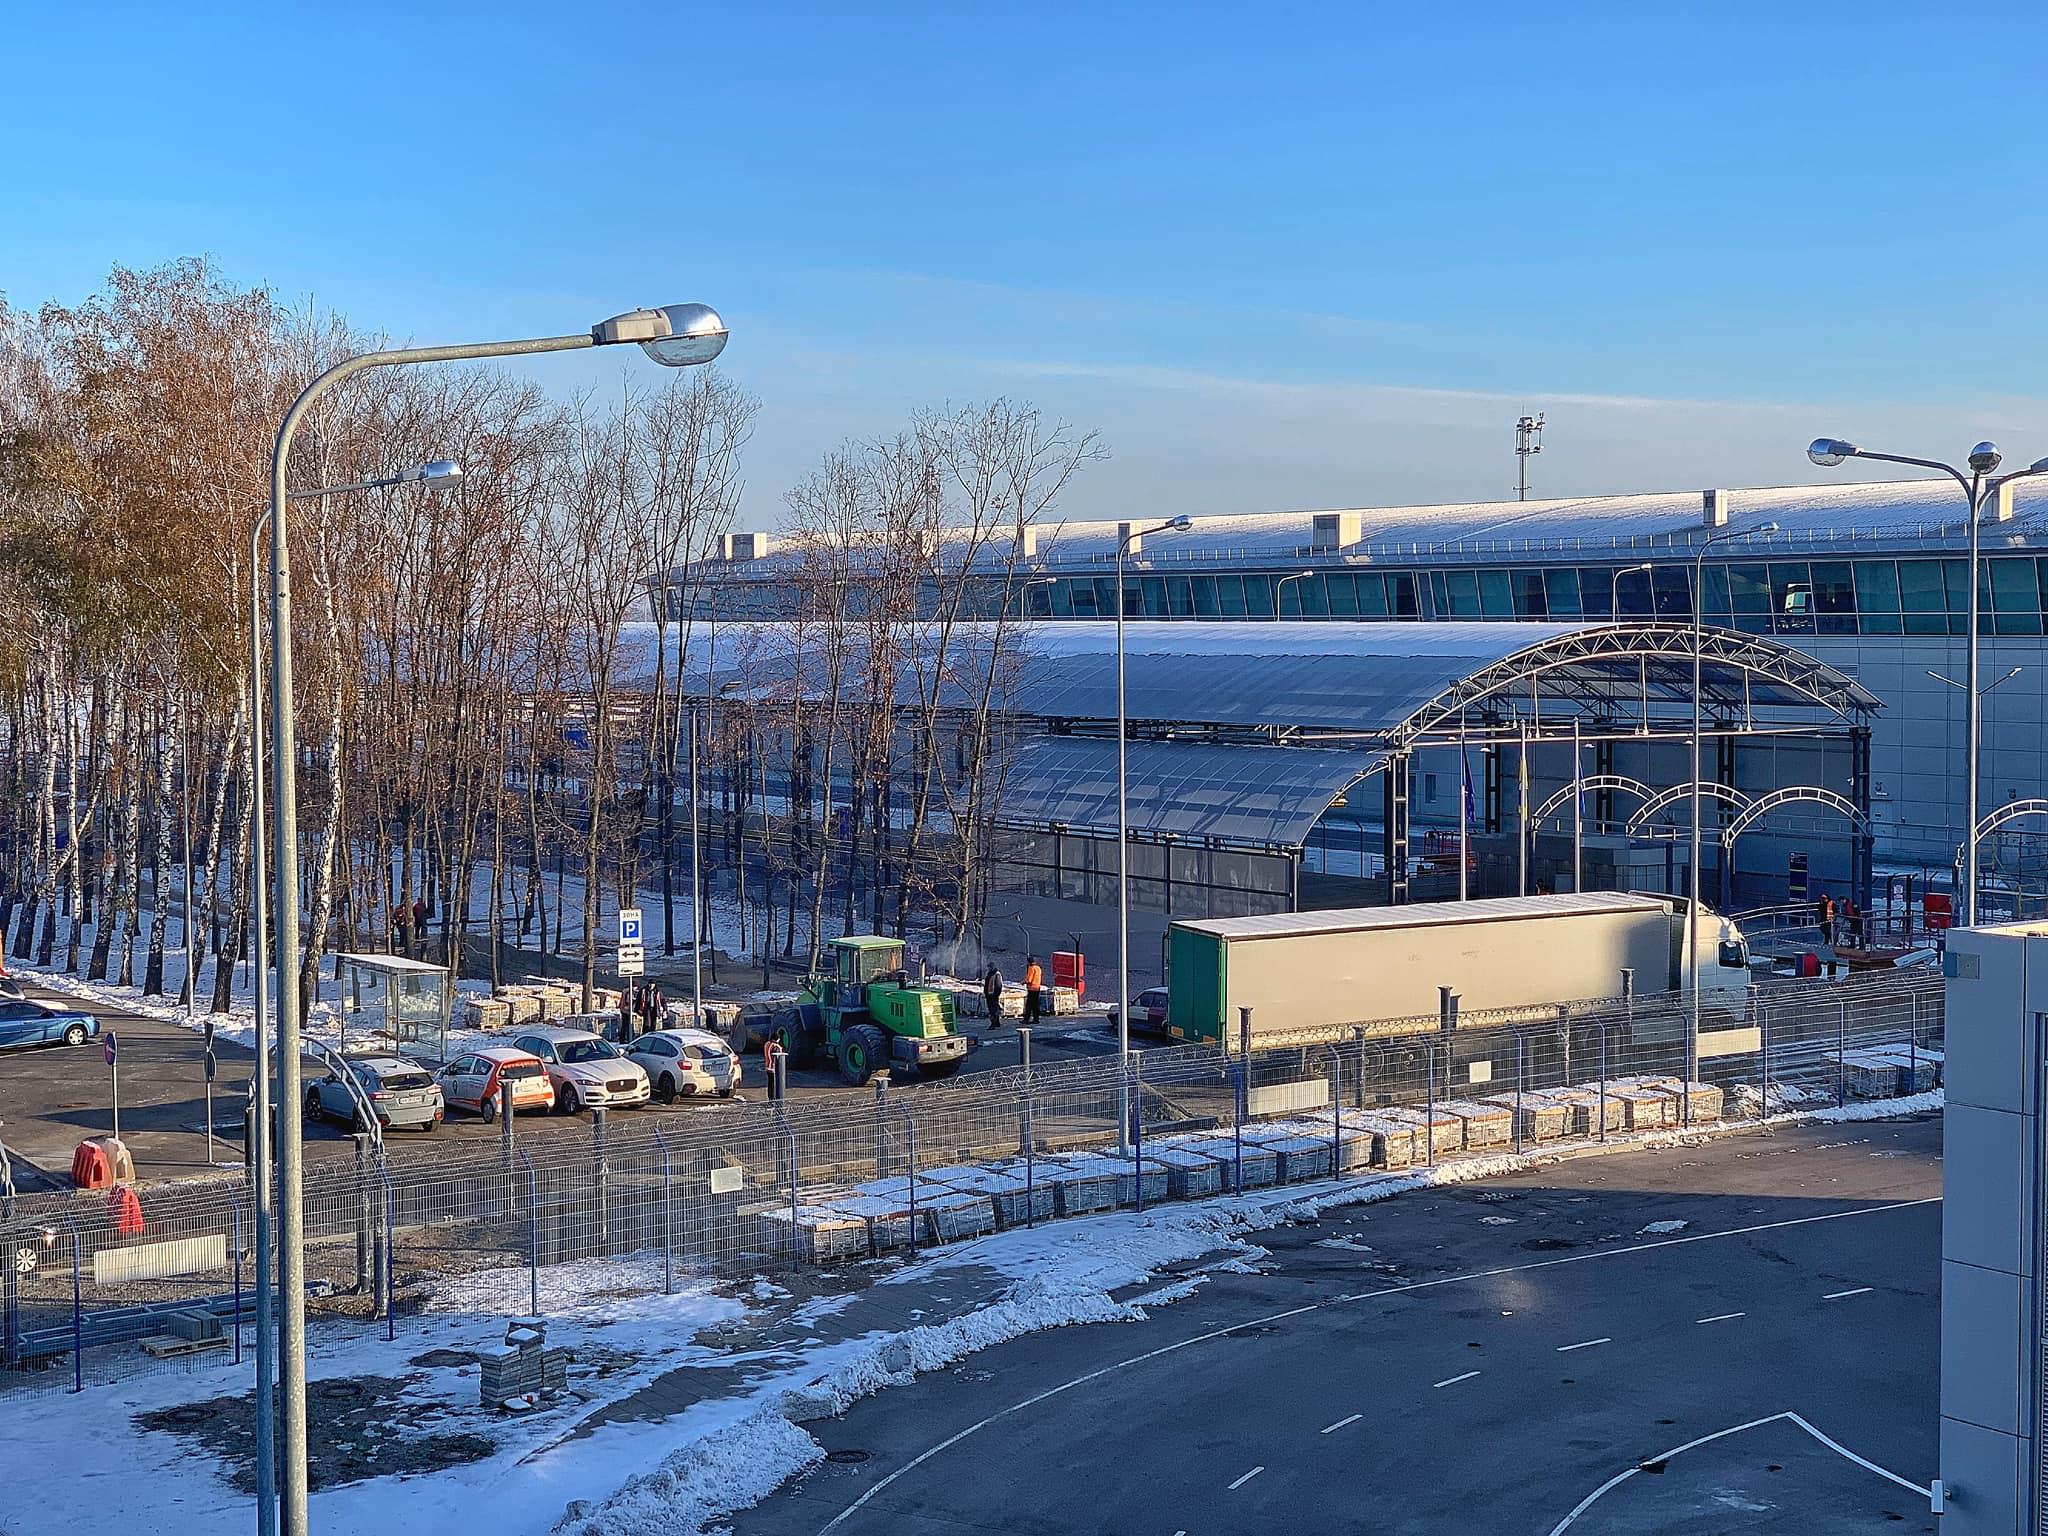 Как сейчас выглядит платформа для ж/д экспресса в аэропорту Борисполь